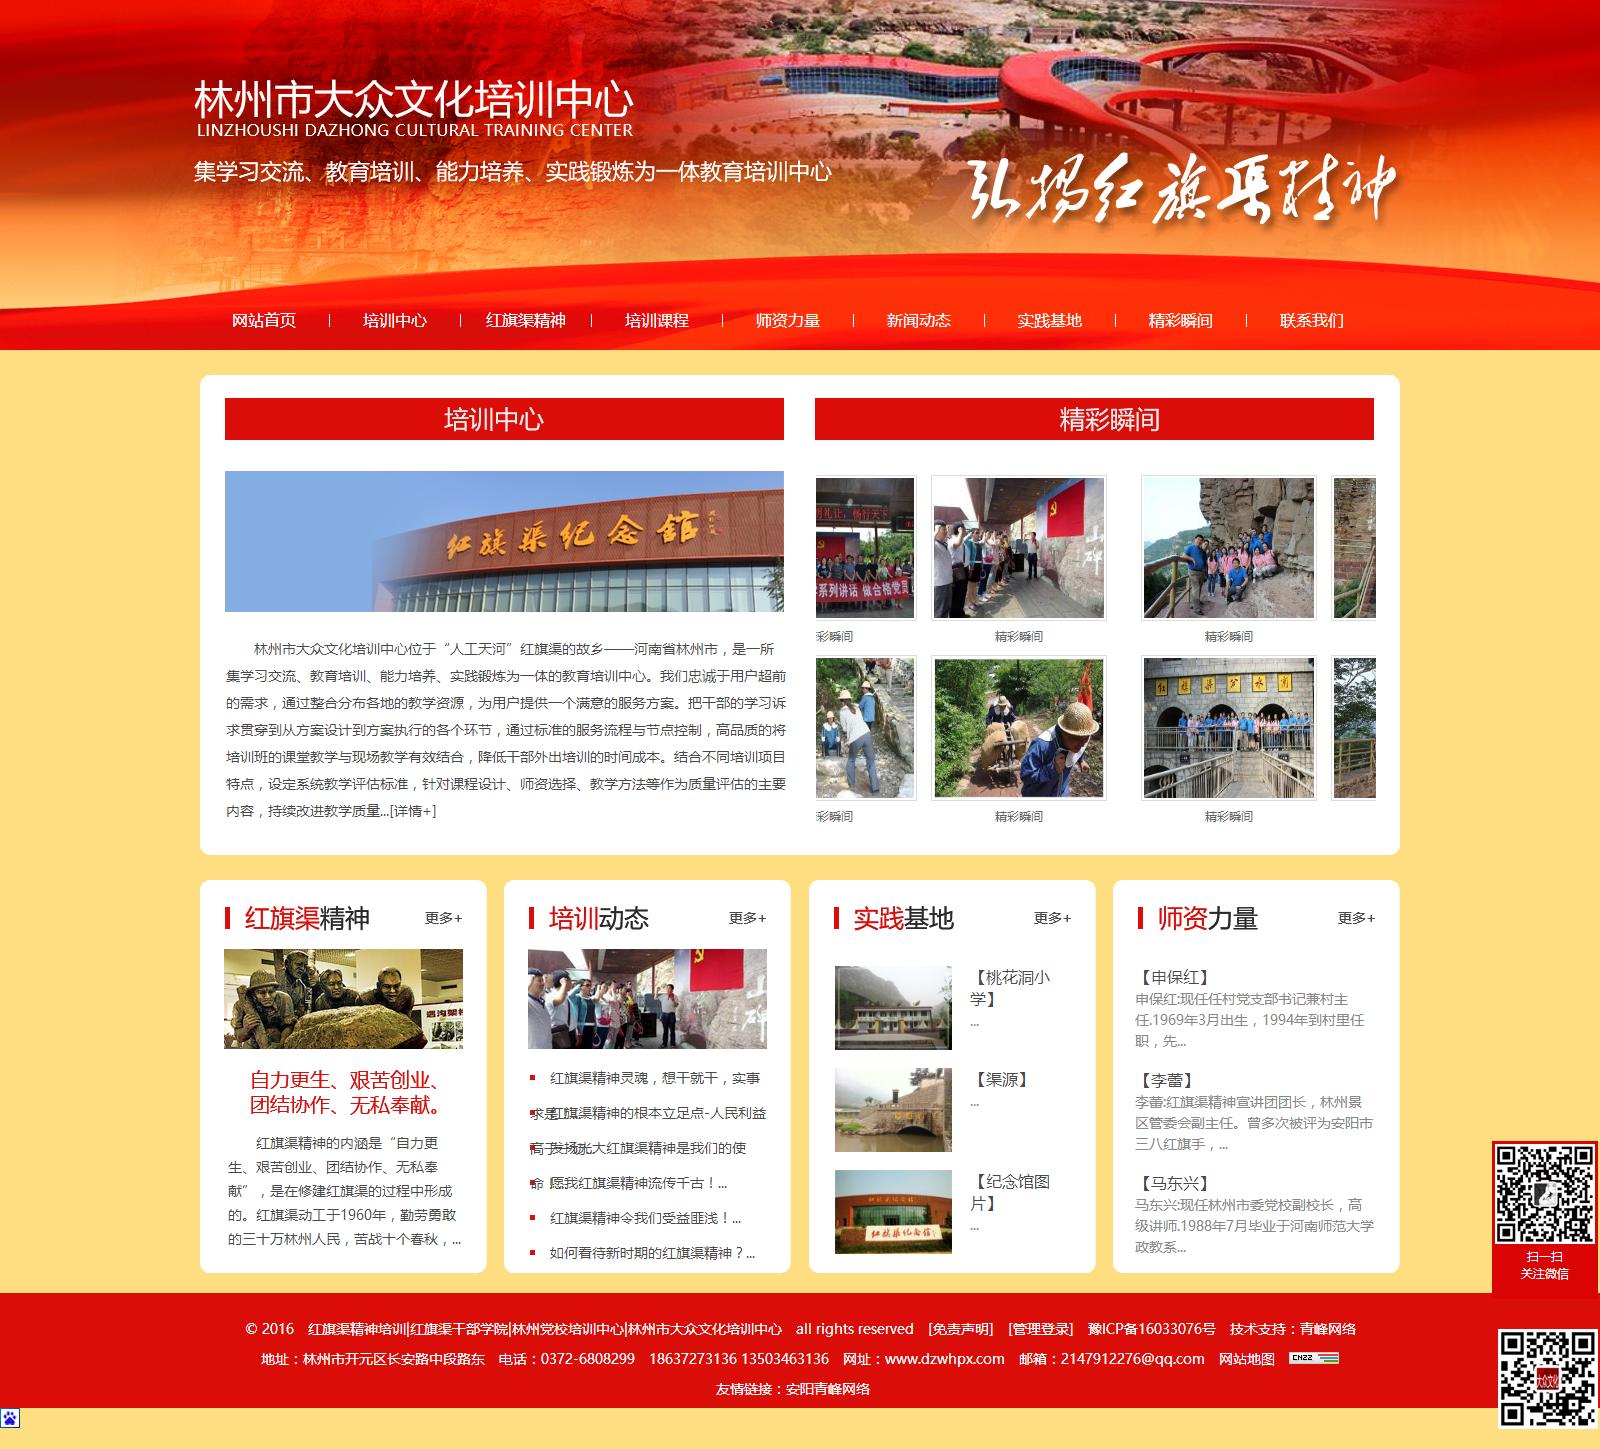 G3云推广案例—林州市大众文化培训中心